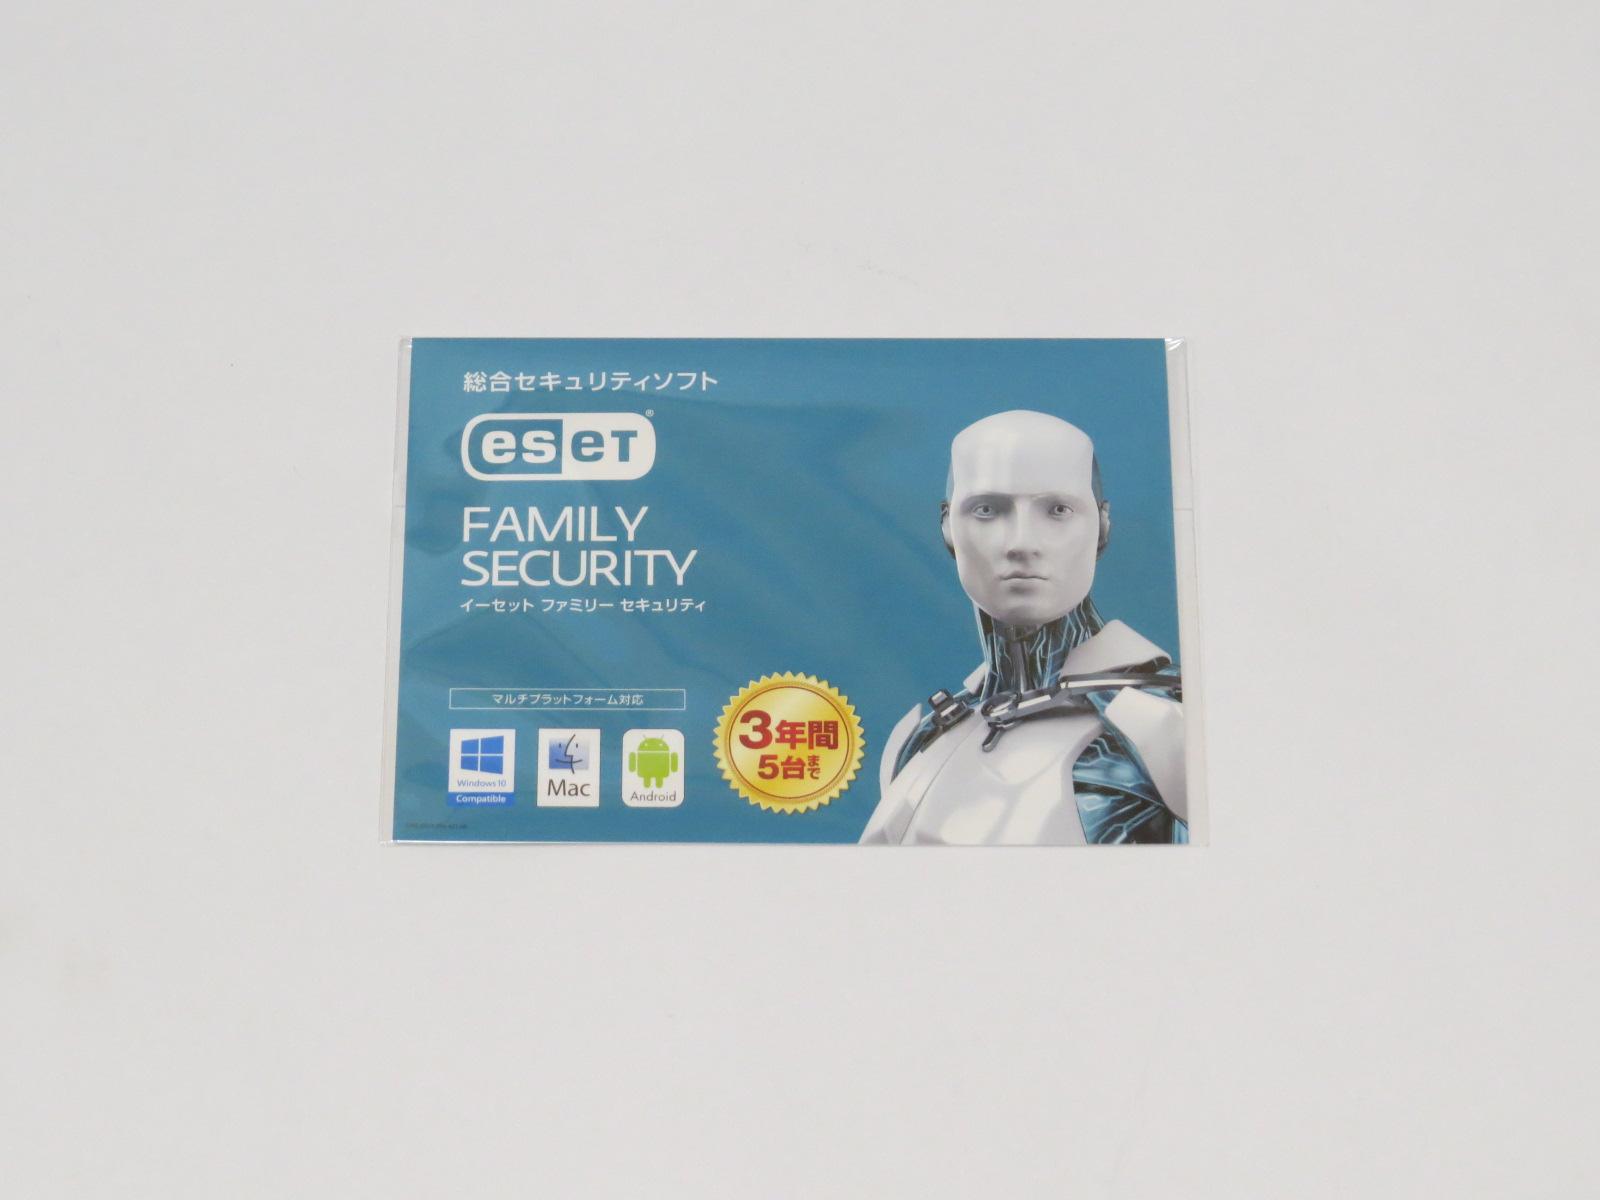 ESET ファミリー セキュリティを買ってみた